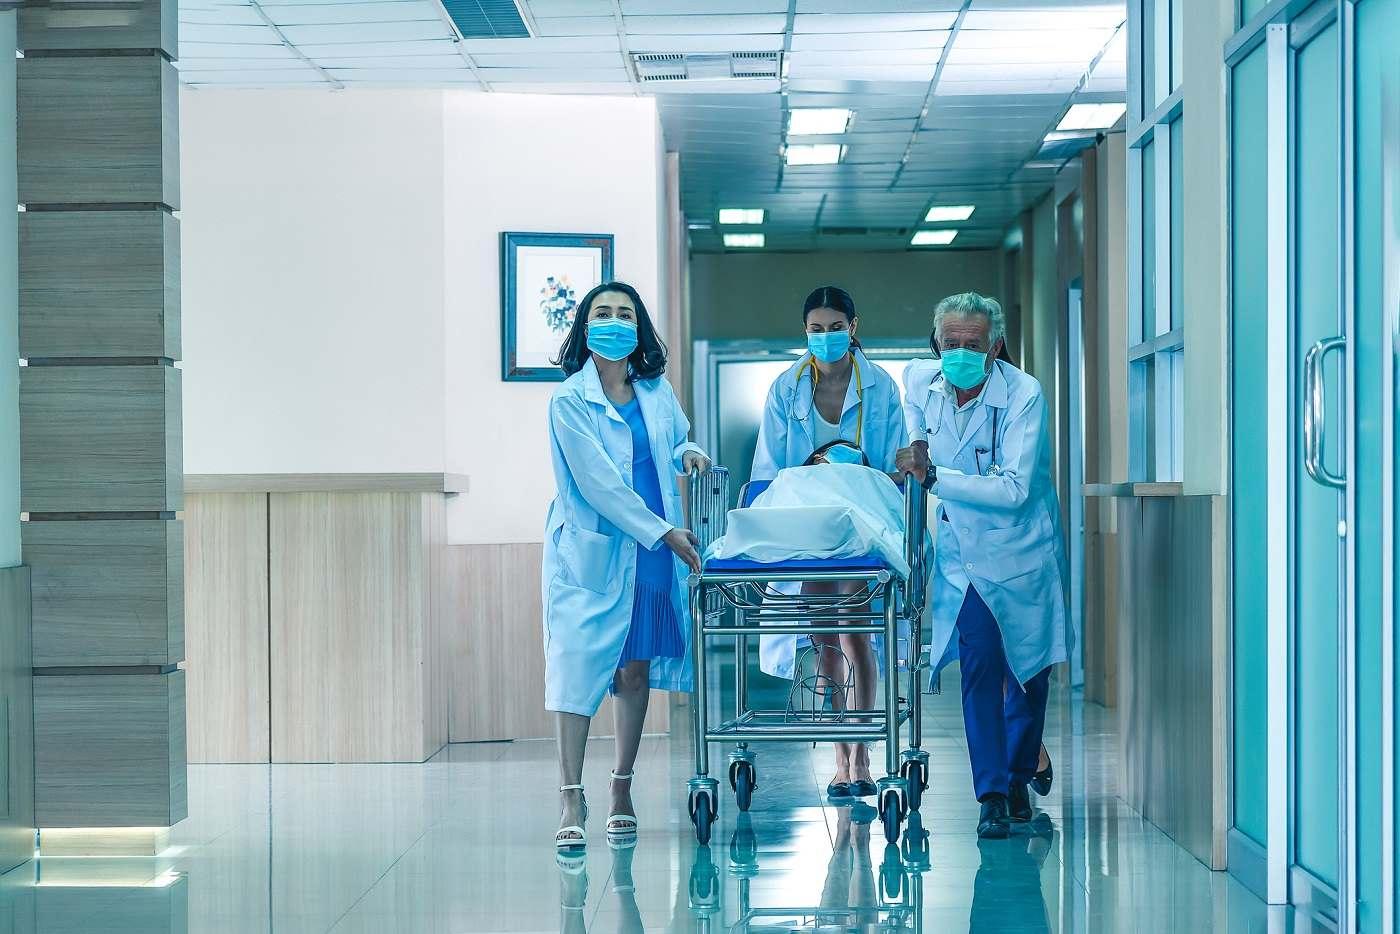 Le nombre des admissions à l'hôpital et en réanimation continue de baisser - Illustration © iStock